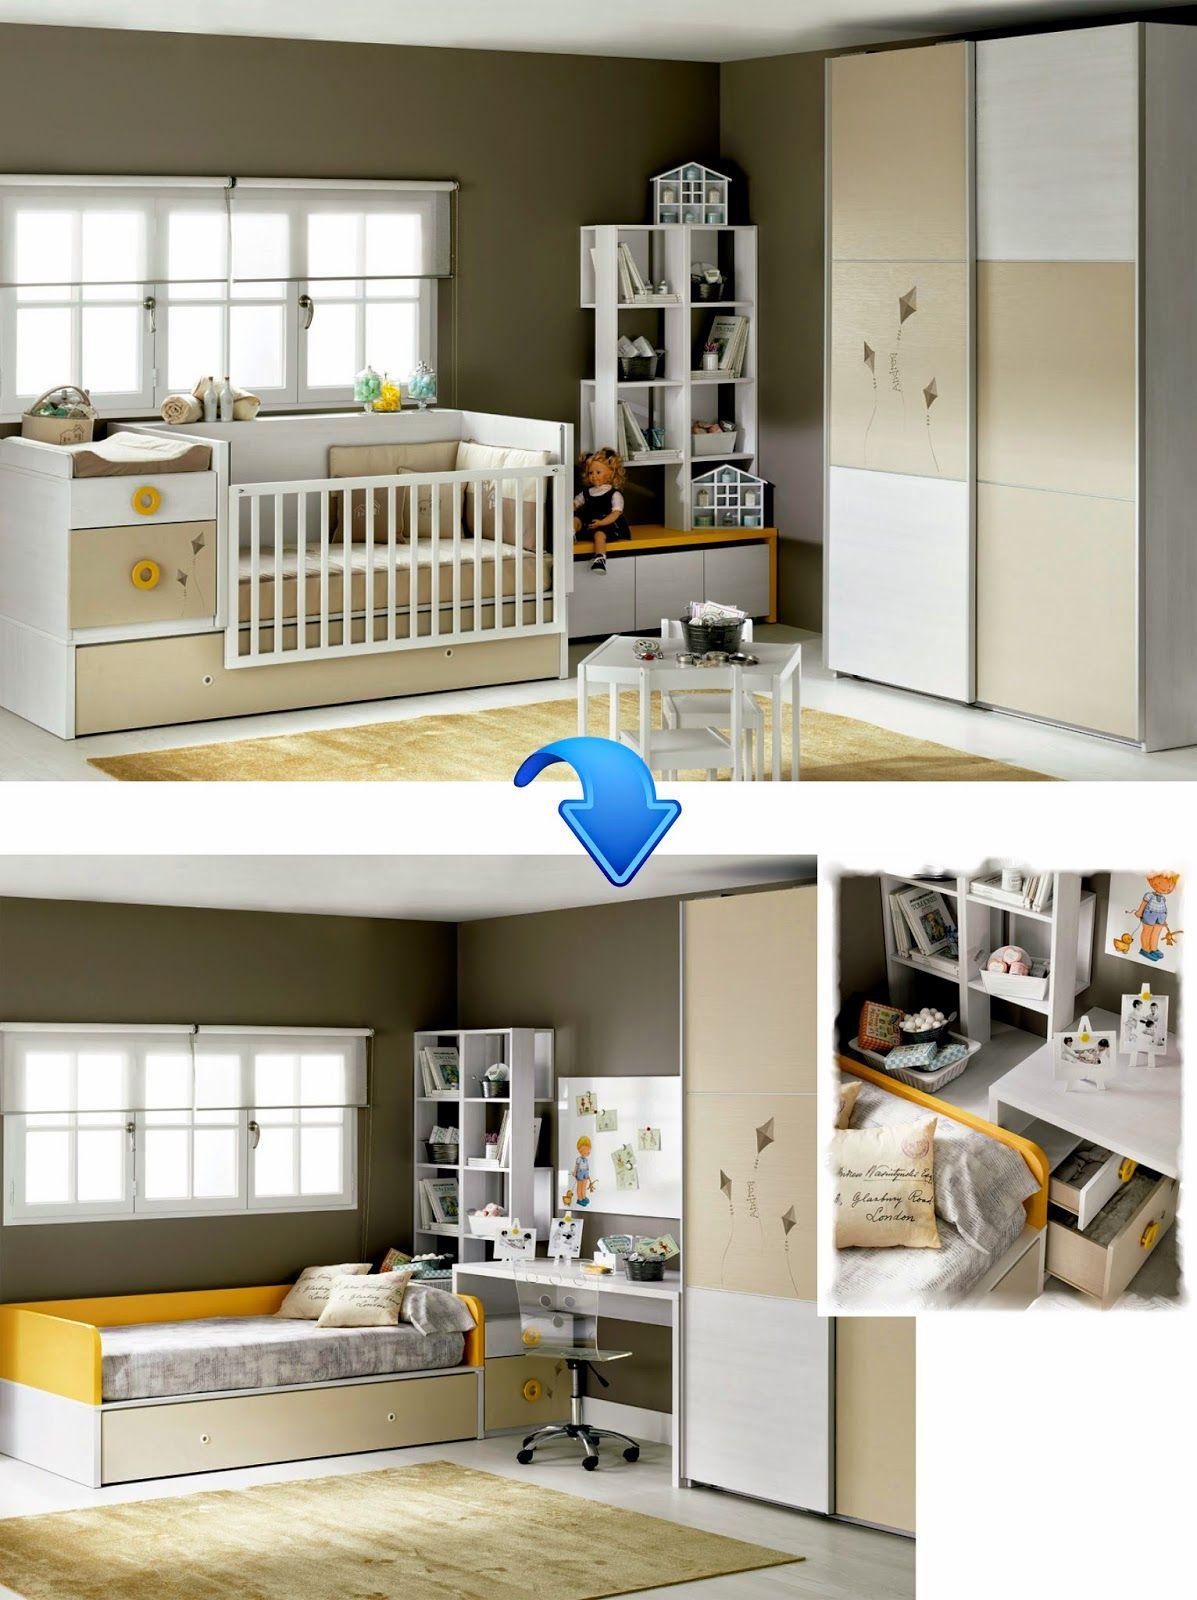 Cuna convertible con cama nido de muebles m2 camacuna - Muebles convertibles ...